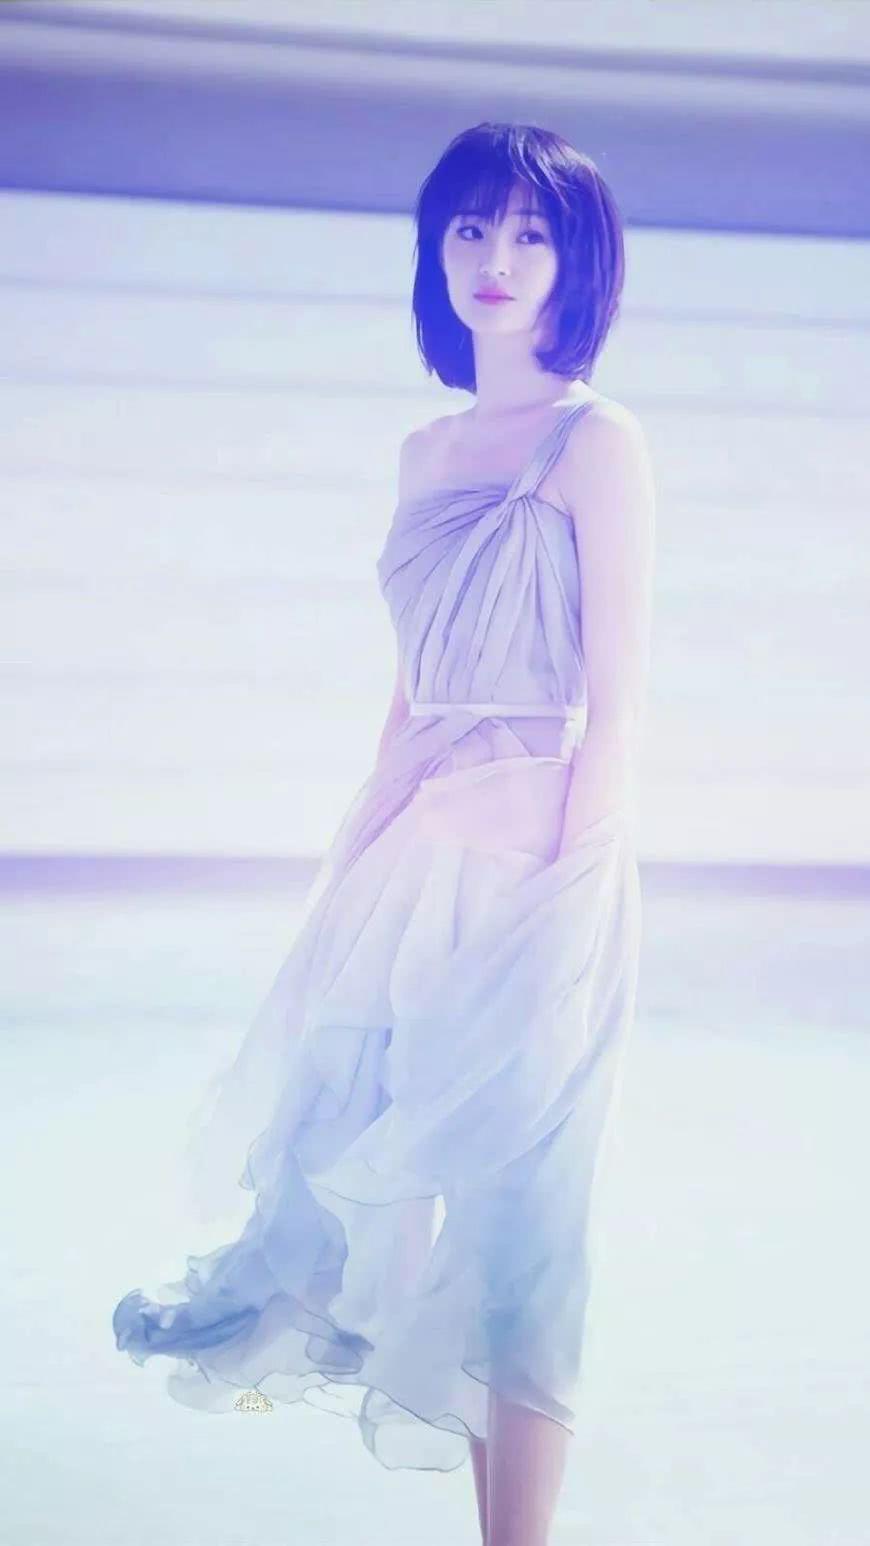 郑爽走红毯不穿礼服?少有的礼服还是前年的,网友:太美了!